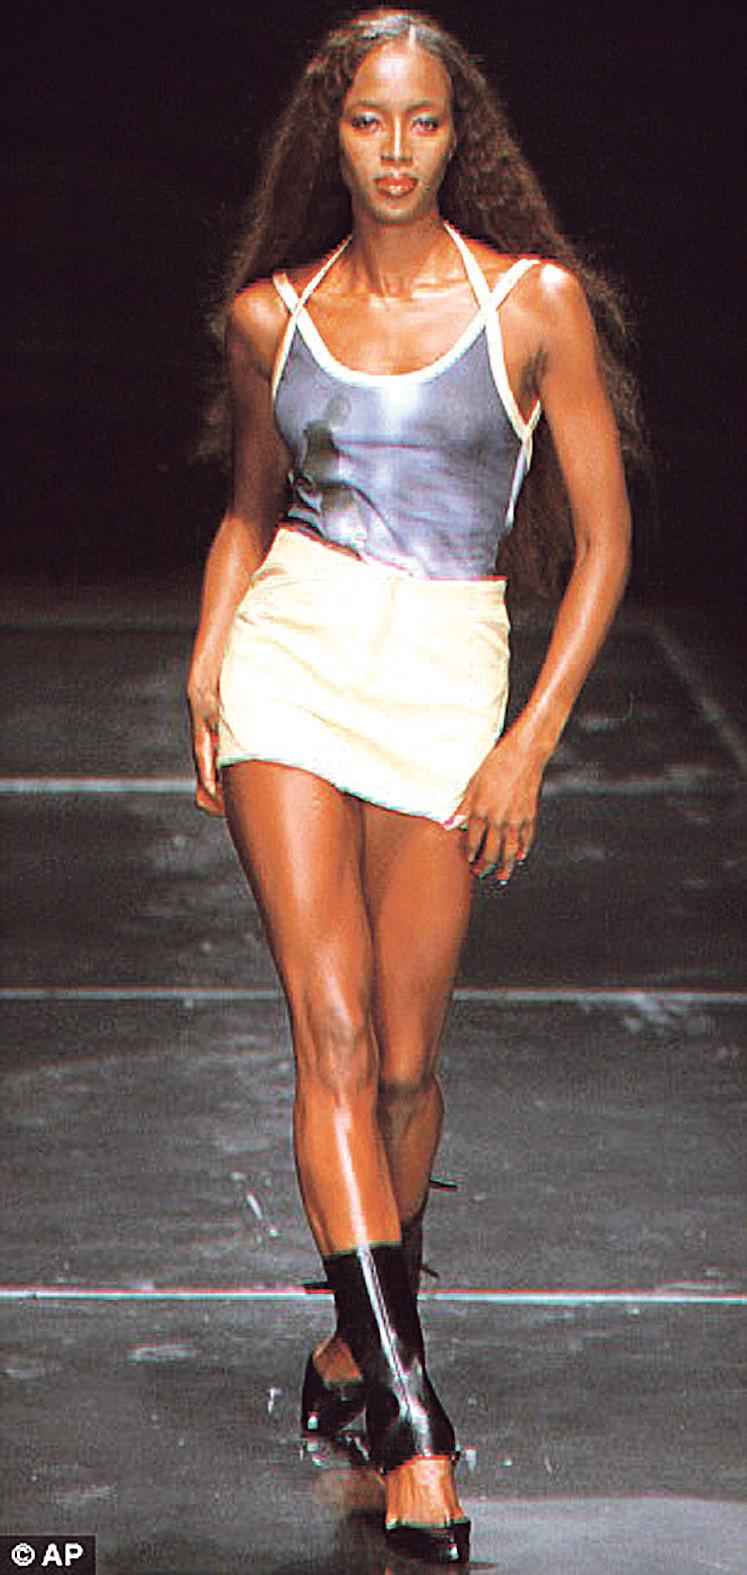 Před 14 lety přehlídku značky Versace rovněž zahajovala (1999)